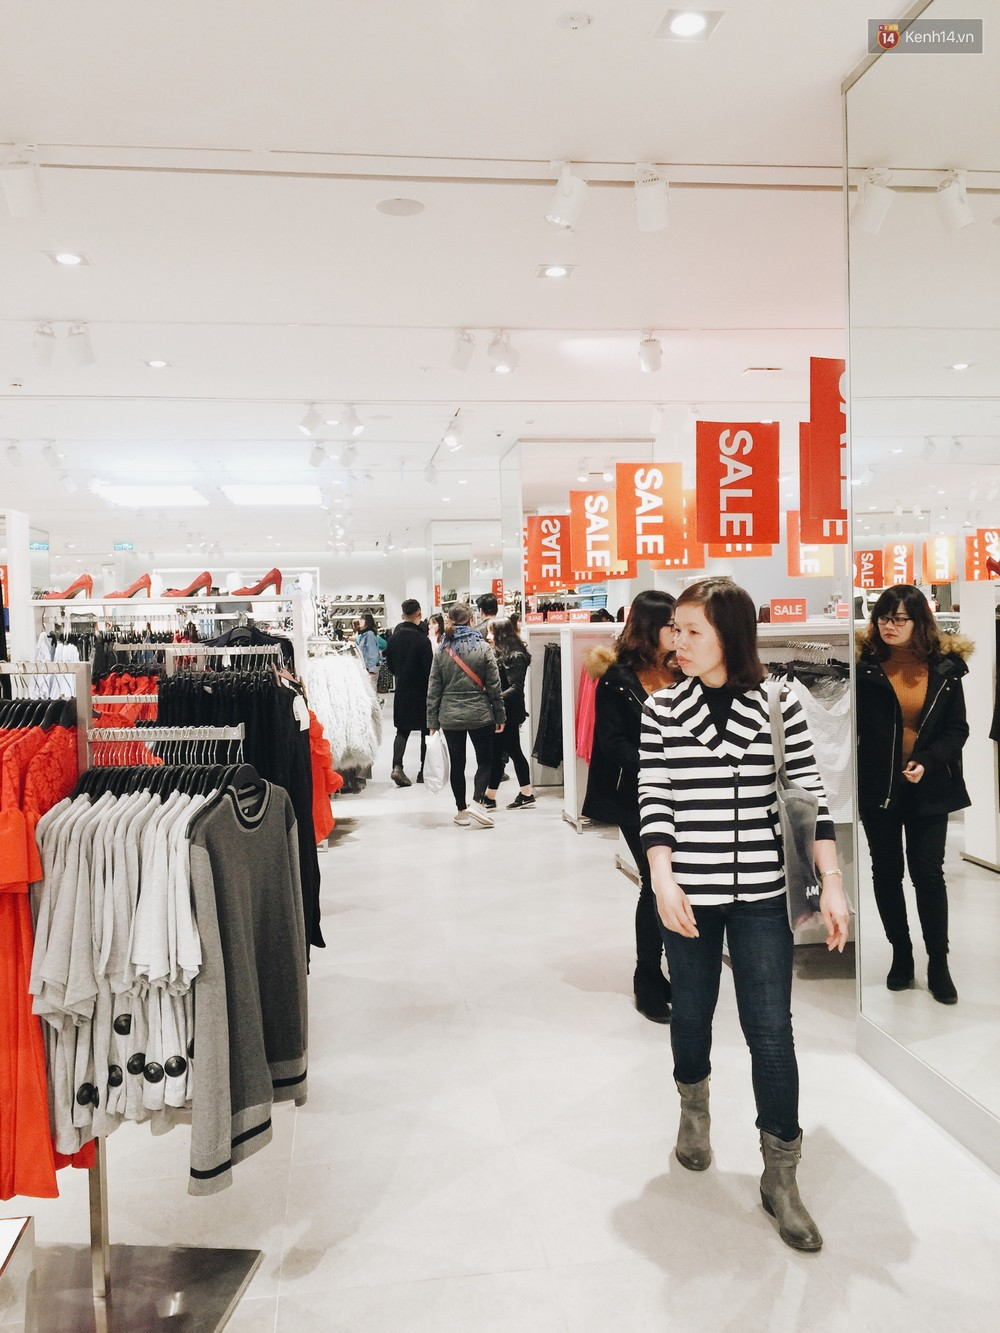 Thông báo sale tới 50%, H&M khiến tín đồ thời trang Hà Nội hụt hẫng vì sale quá ít đồ và không sale đồ Đông - Ảnh 9.